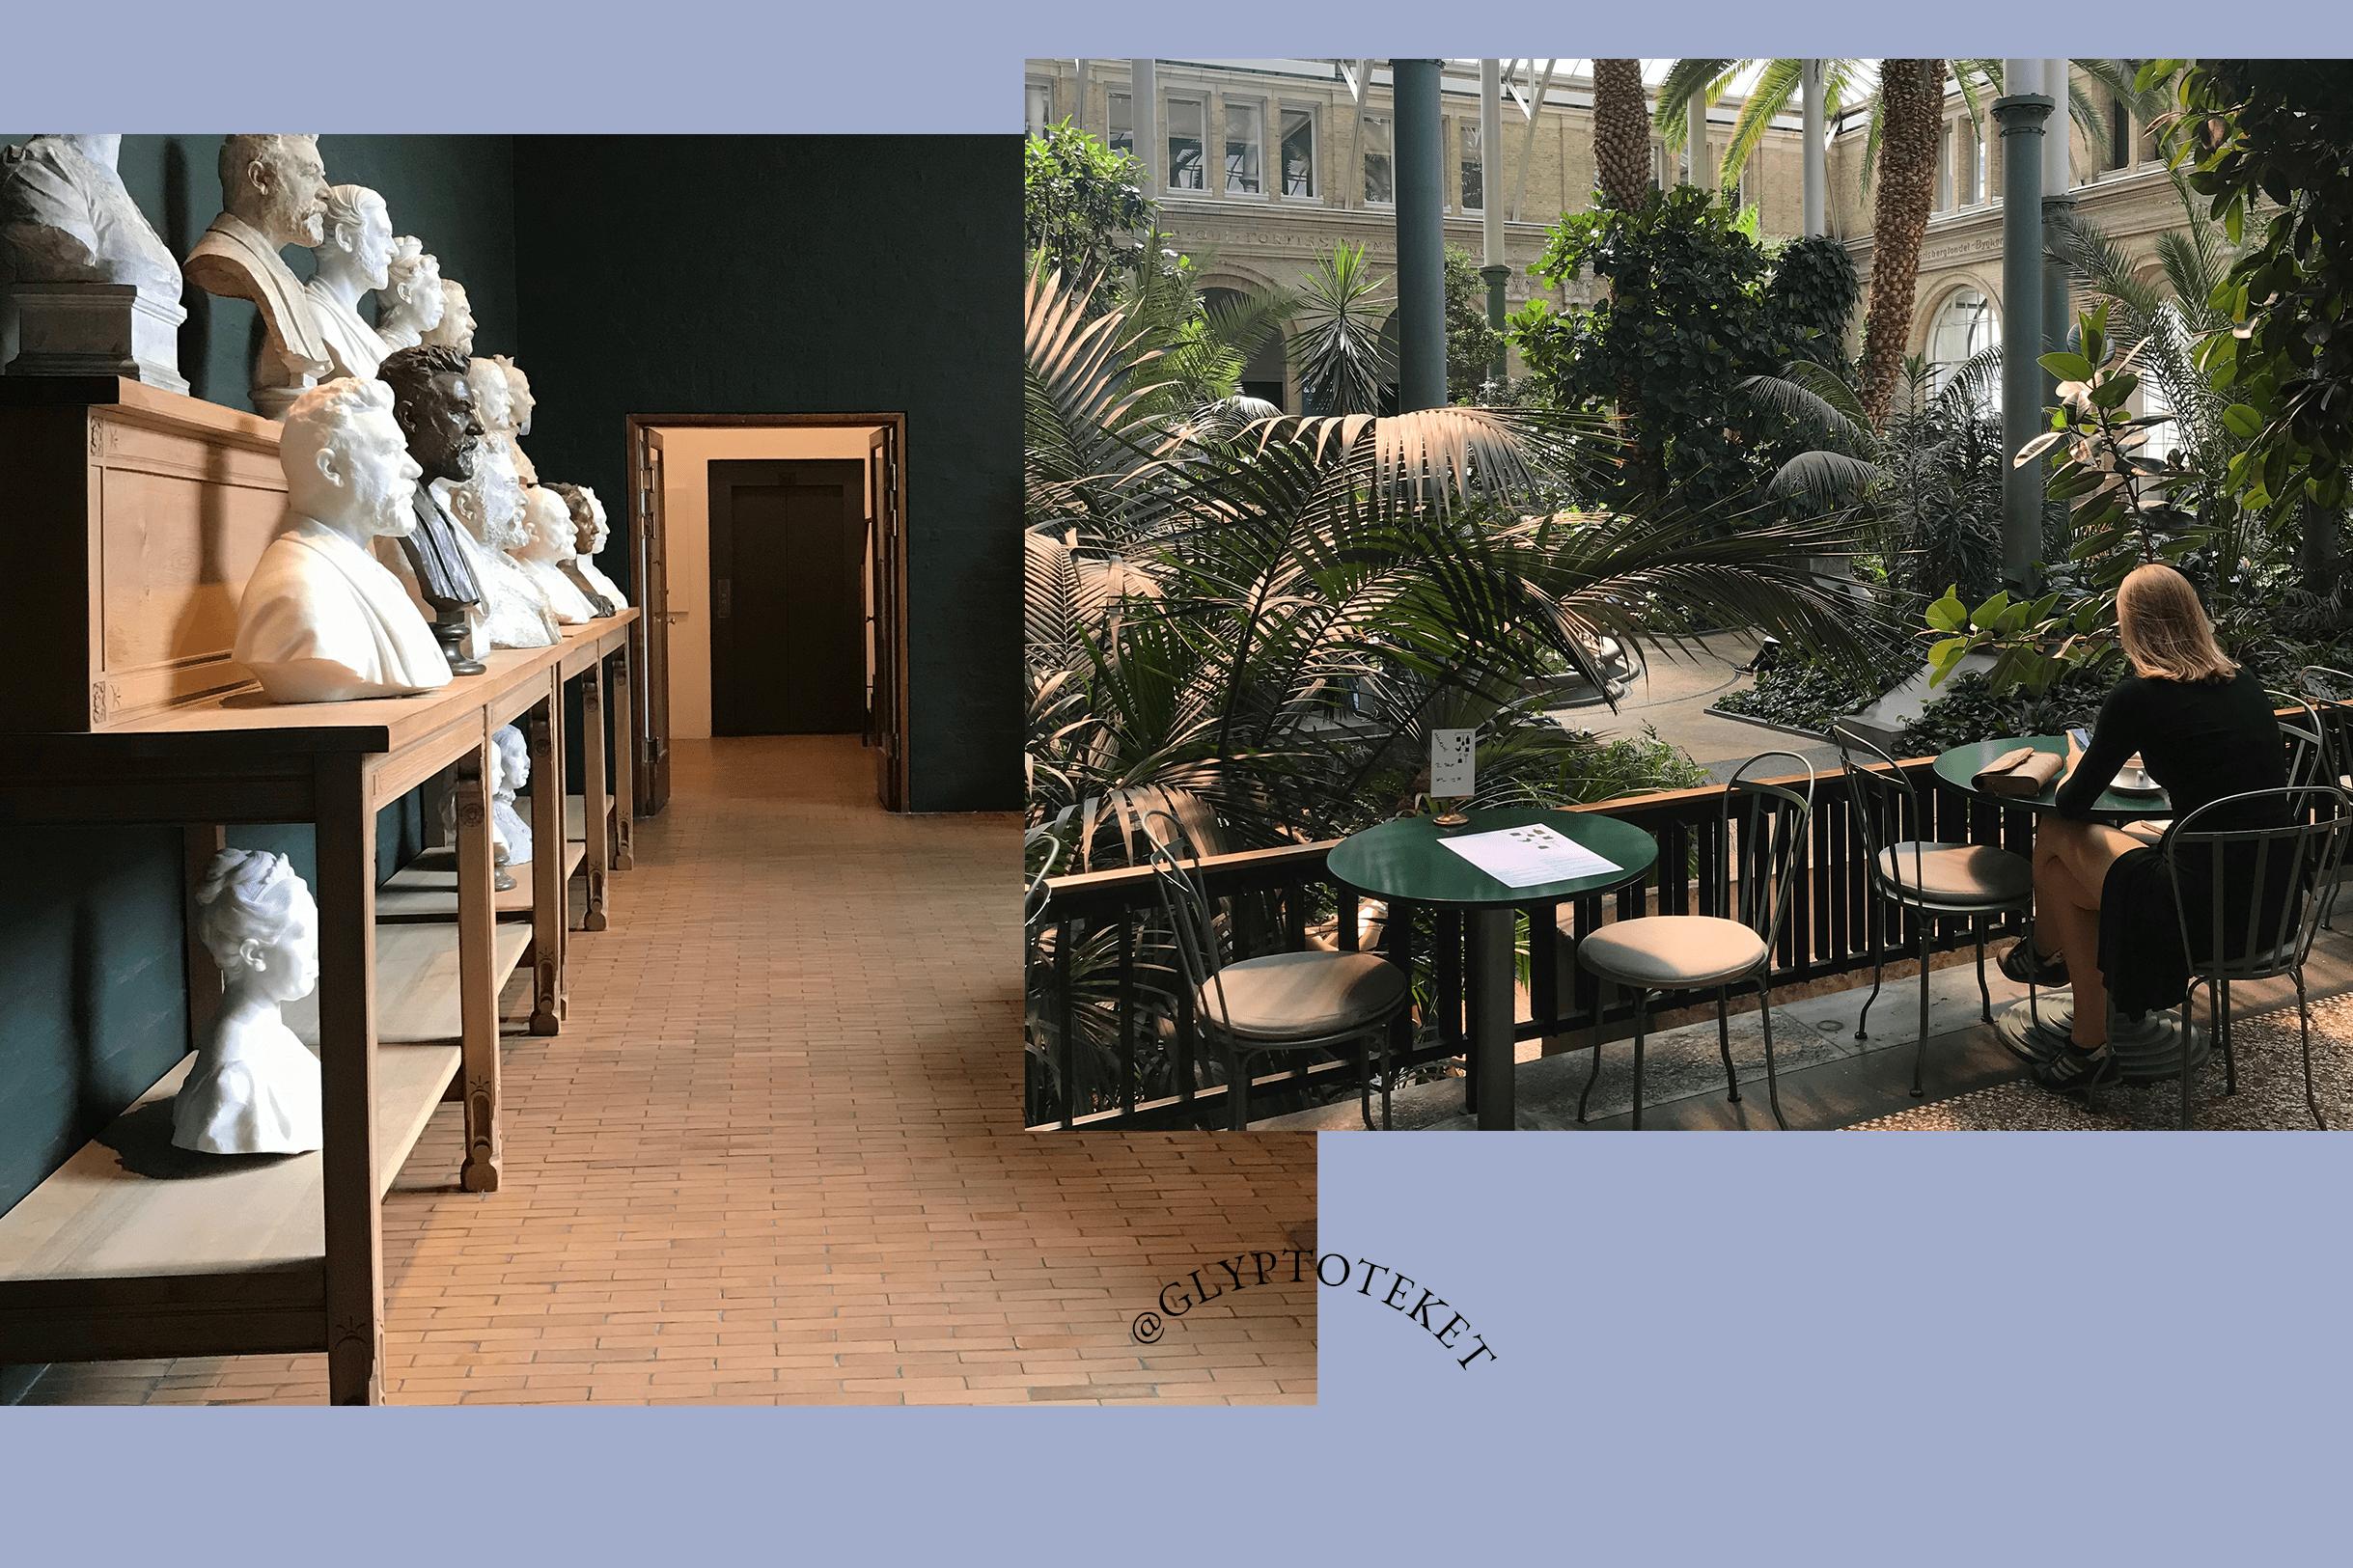 Glyptotek museum Copenhagen